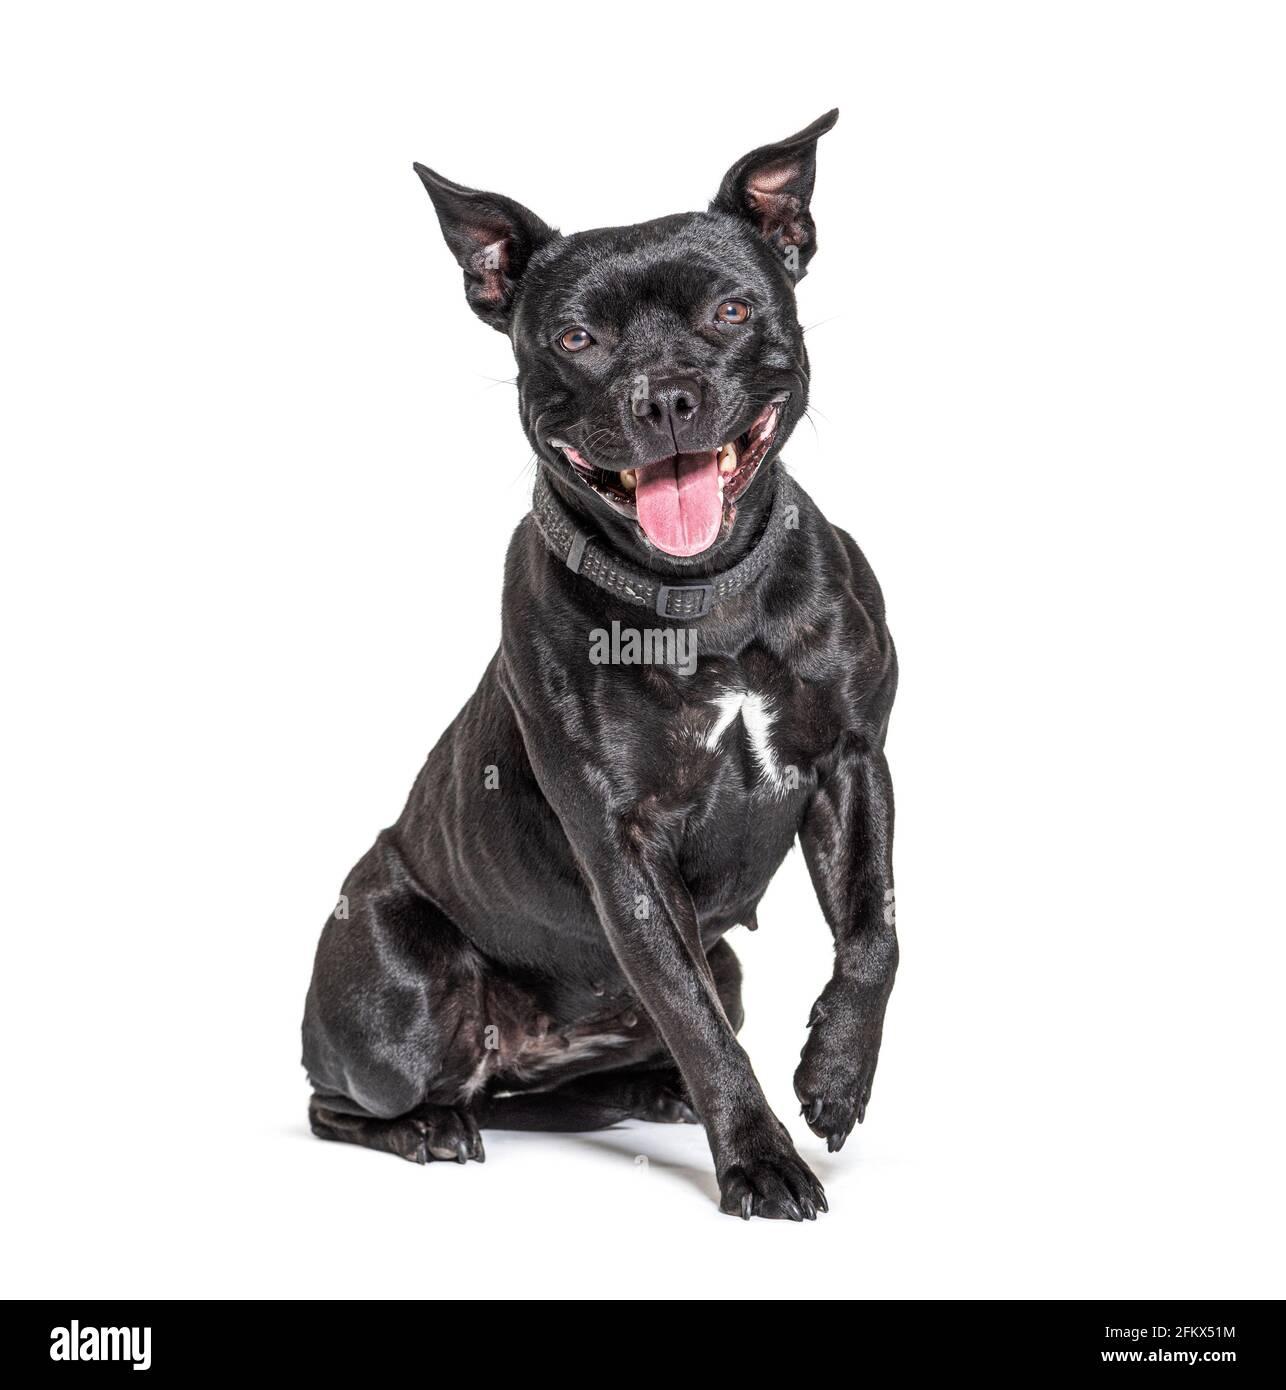 Terrier nero americano Staffordshire isolato su bianco Foto Stock